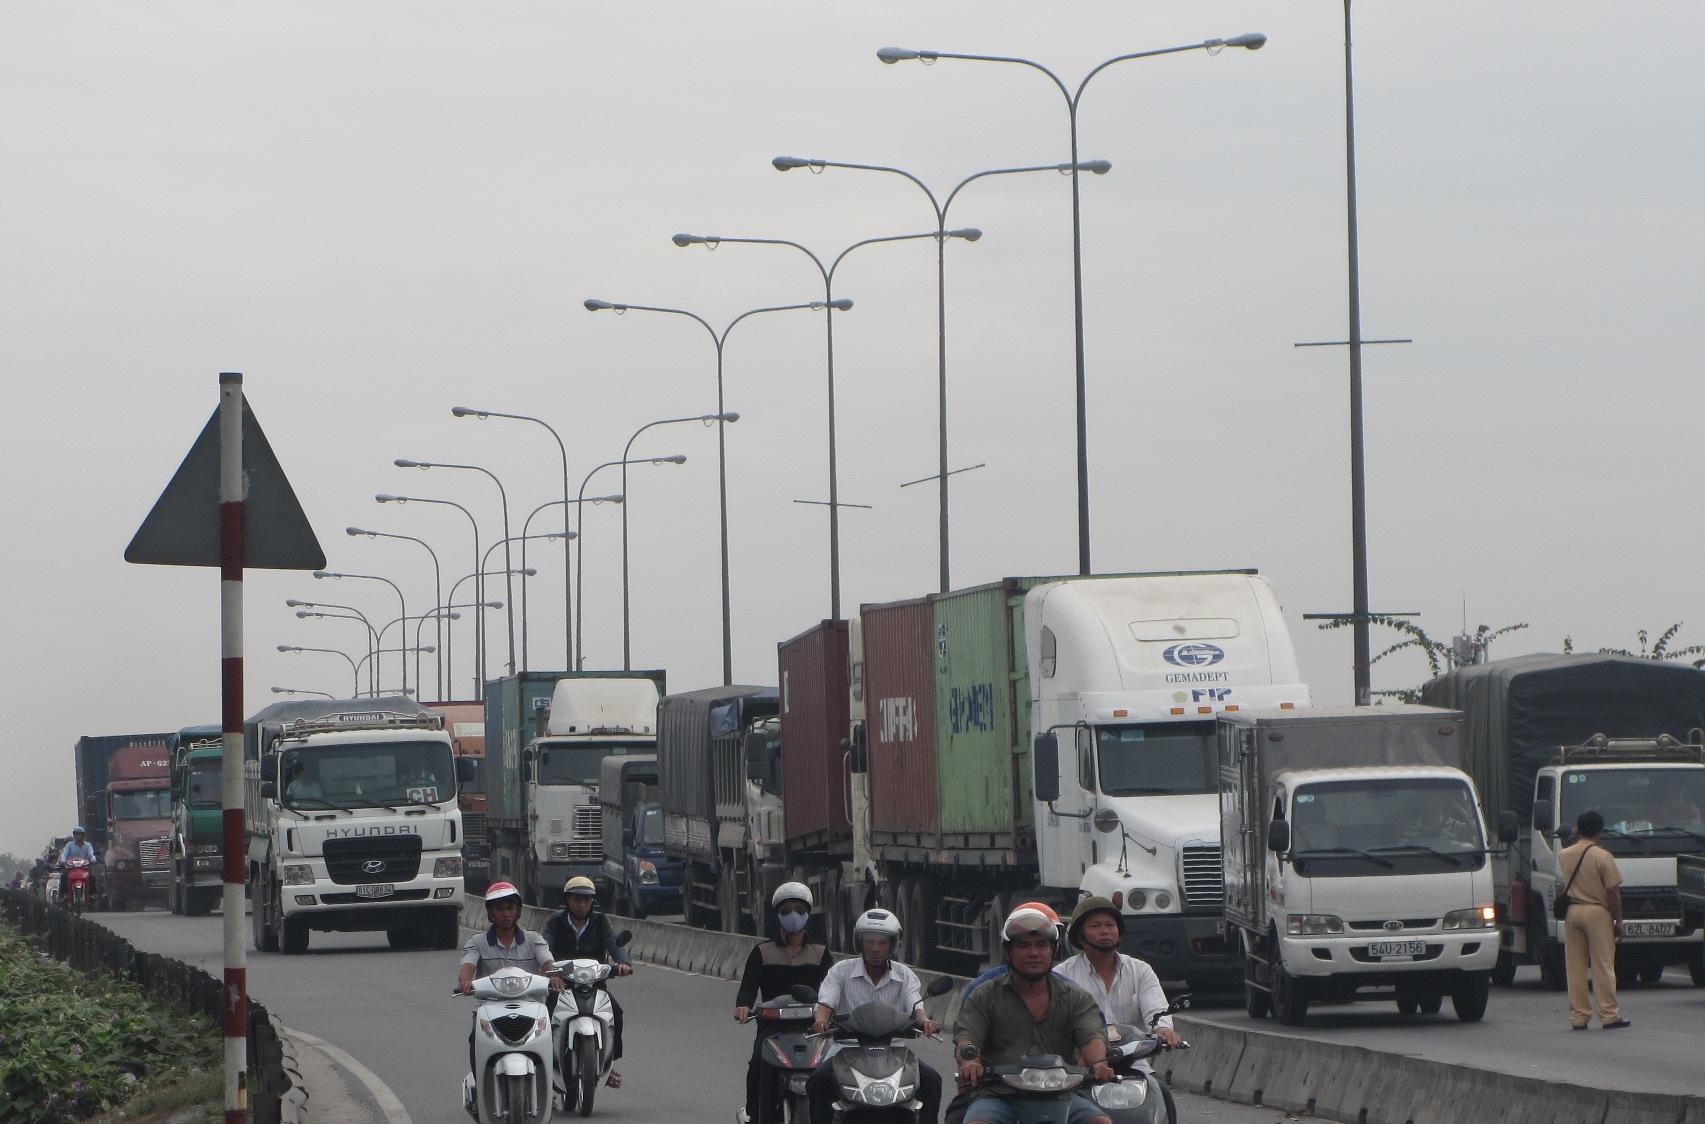 Ùn tắc giao thông xảy ra sau khi xe ben gây tai nạn liên hoàn trên cầu vượt Sóng Thần